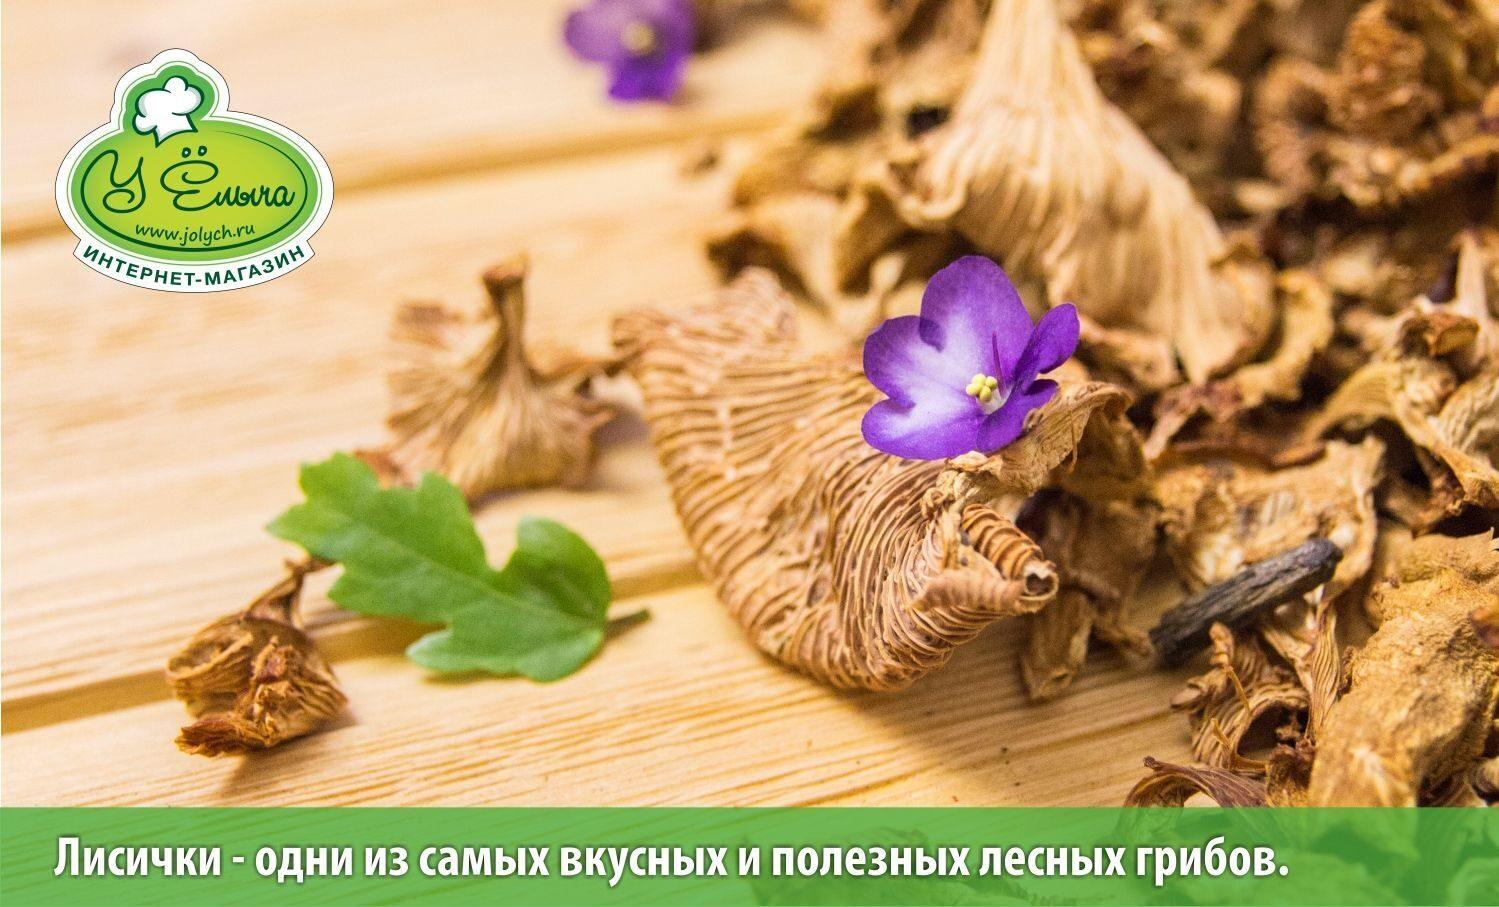 Лисички Ц один из самых полезных грибов средней полосы России